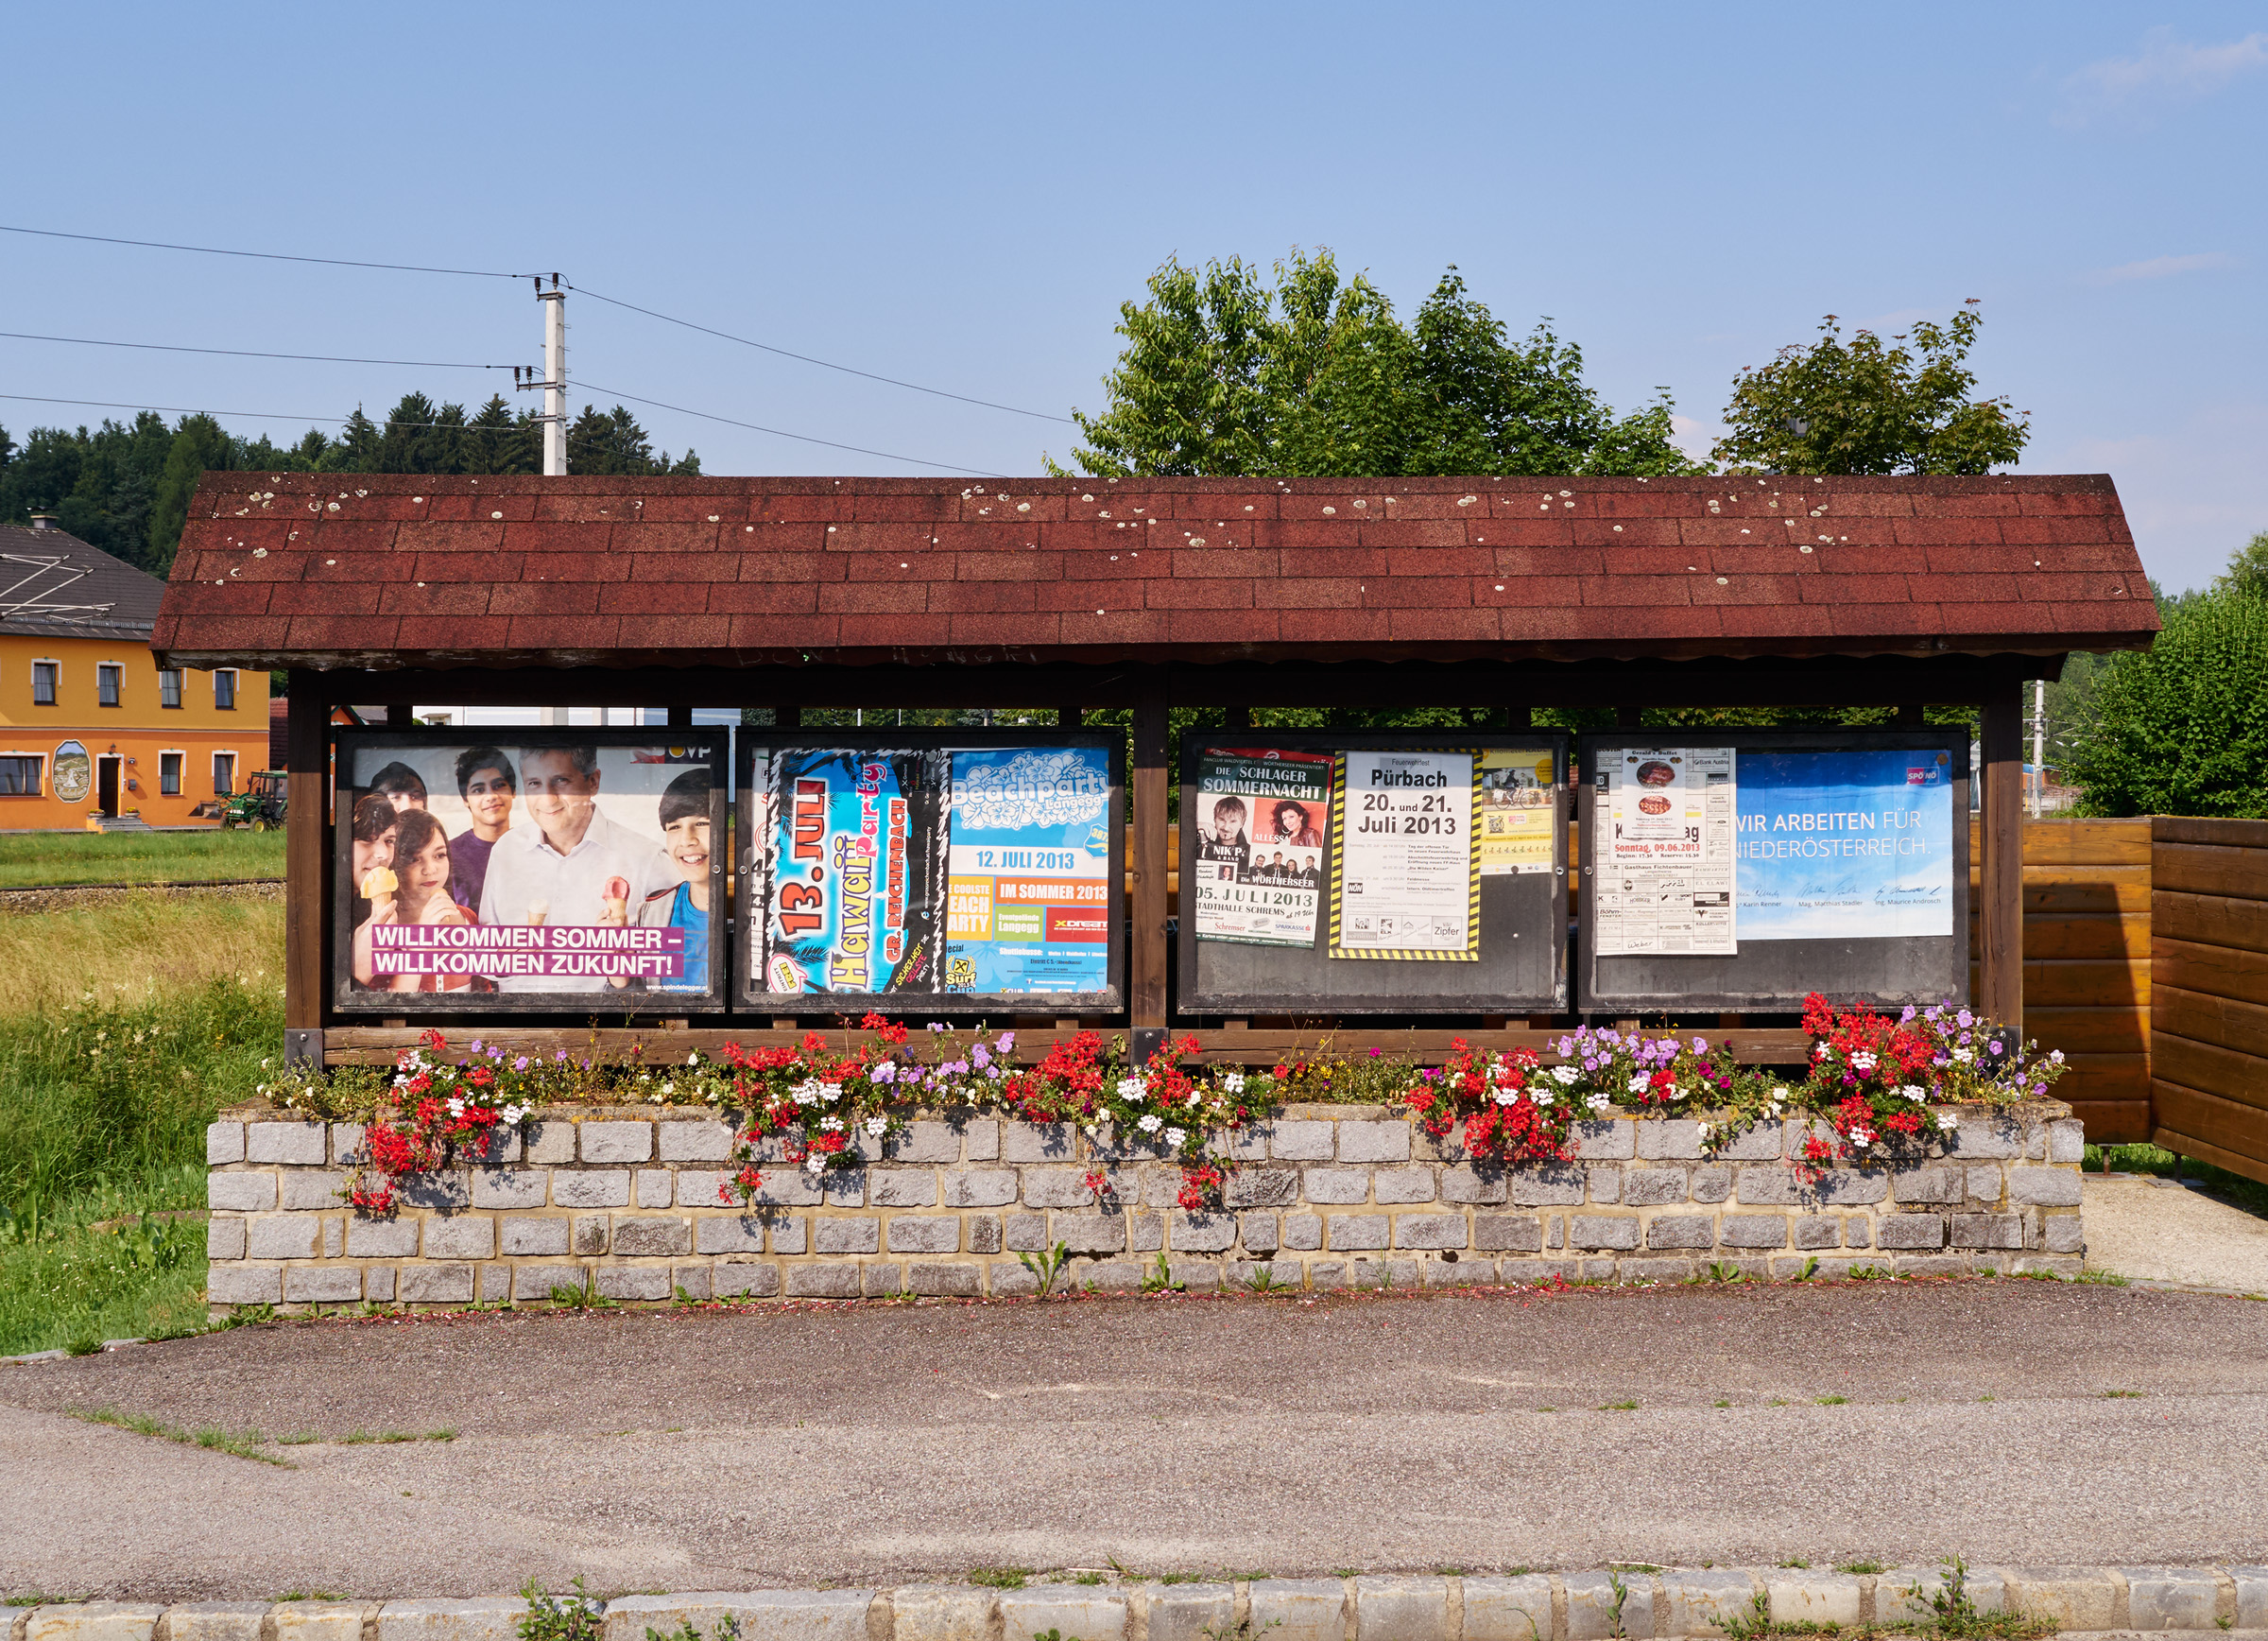 Pürbach nah 2013-07-10.jpg